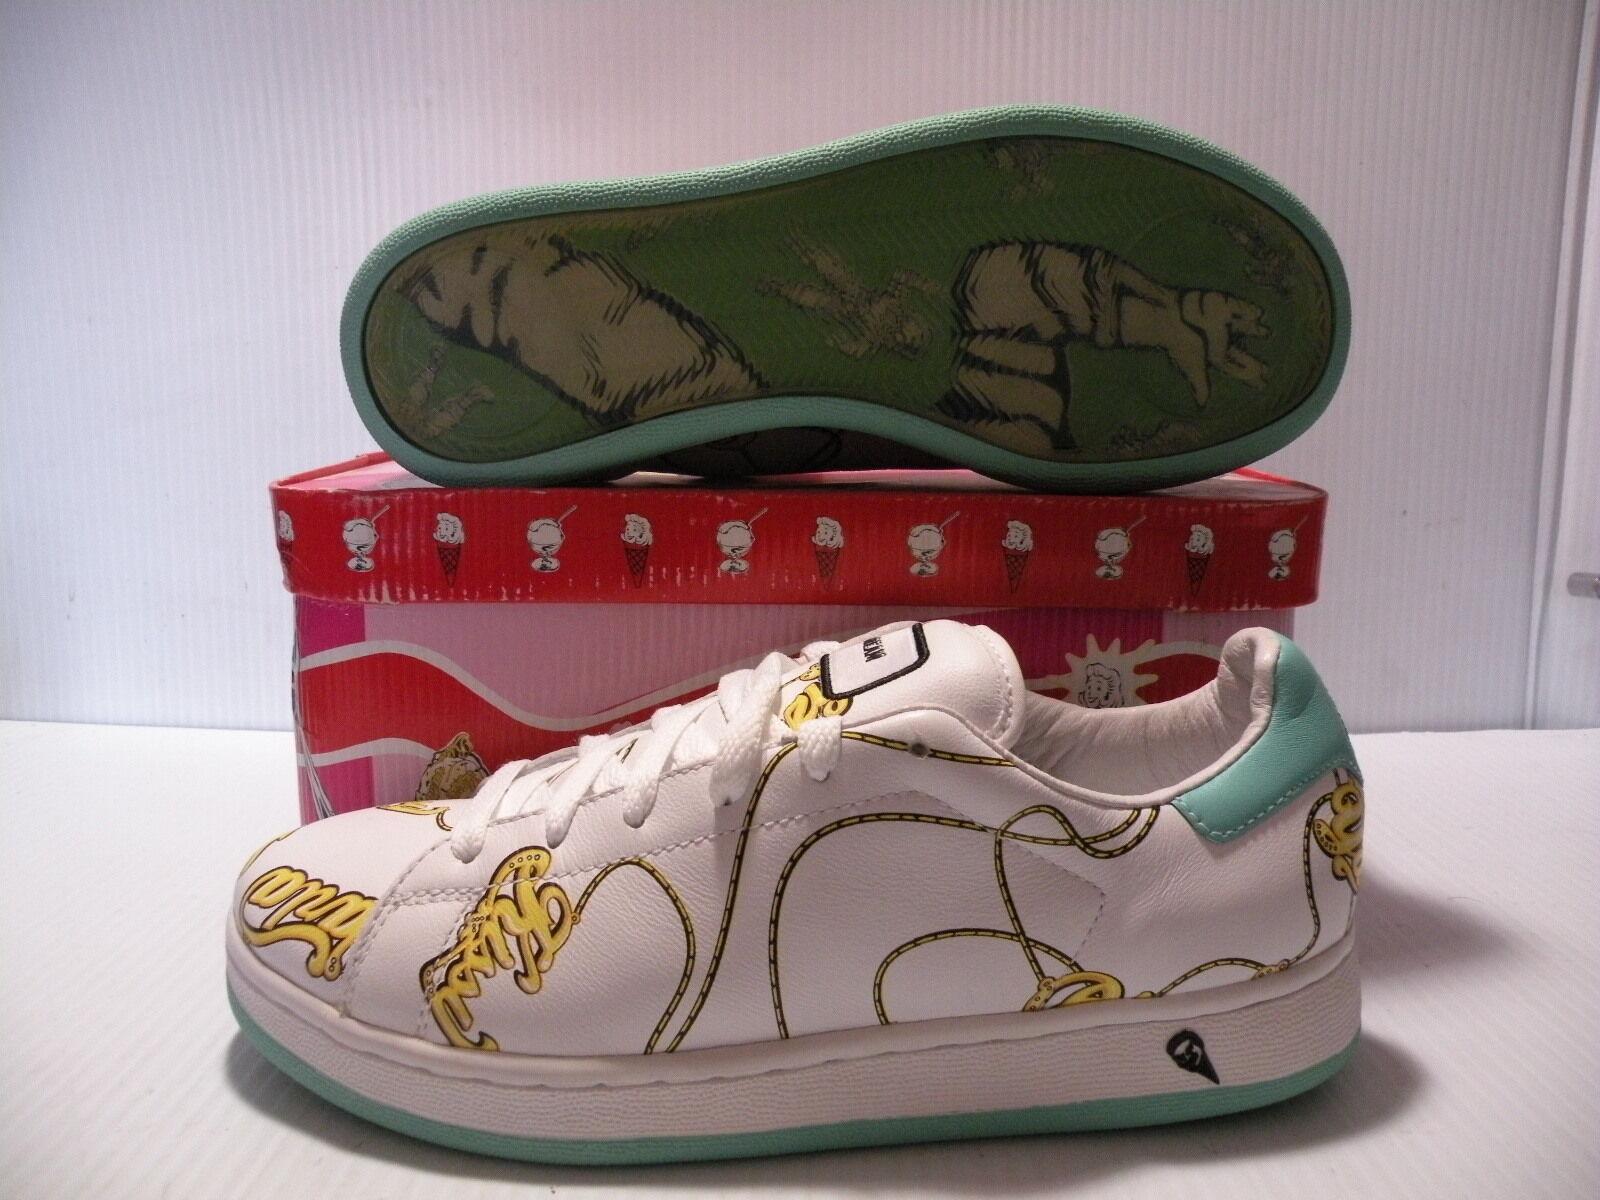 Zapatillas Reebok Helado Baja Mujer Zapatos blancoo Impresión 10-117087 Talla Talla Talla 8.5 Nuevo  Garantía 100% de ajuste